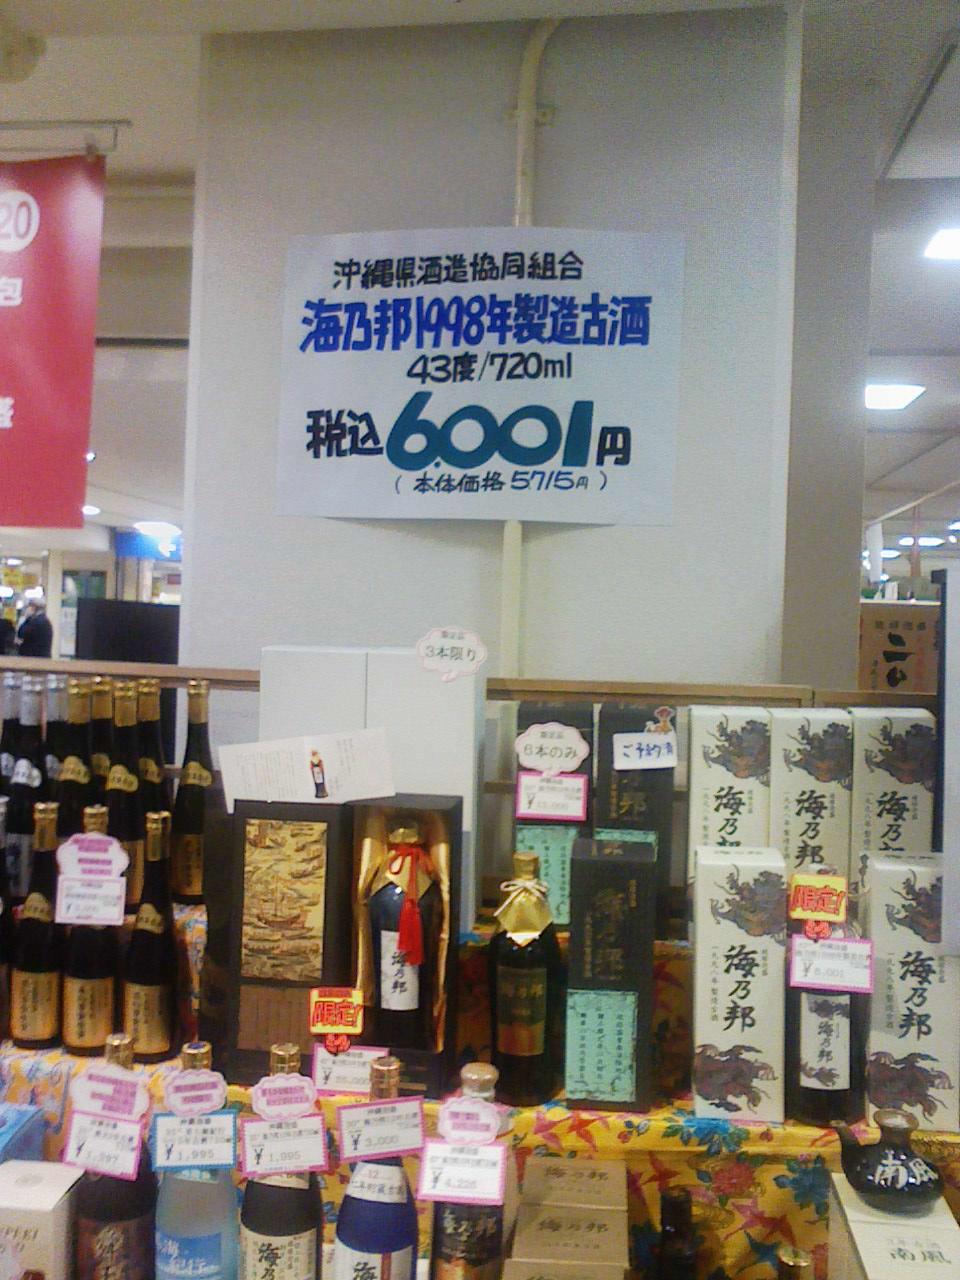 「八重泉」「御酒」「沖縄県酒造組合」_c0061686_6503015.jpg